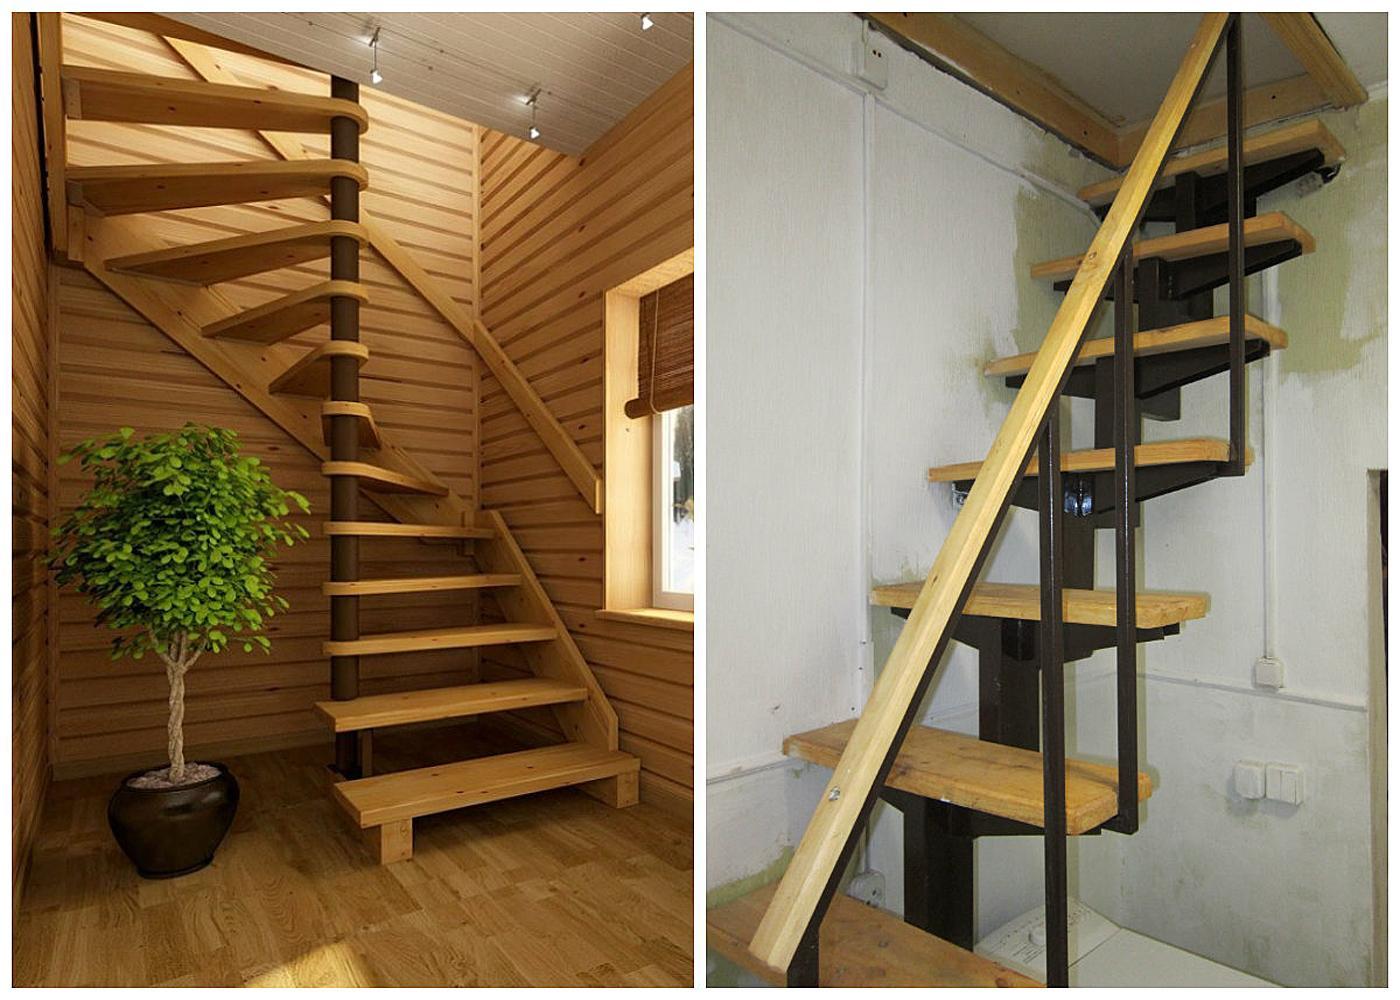 Картинки по запросу стационарная чердачная лестница